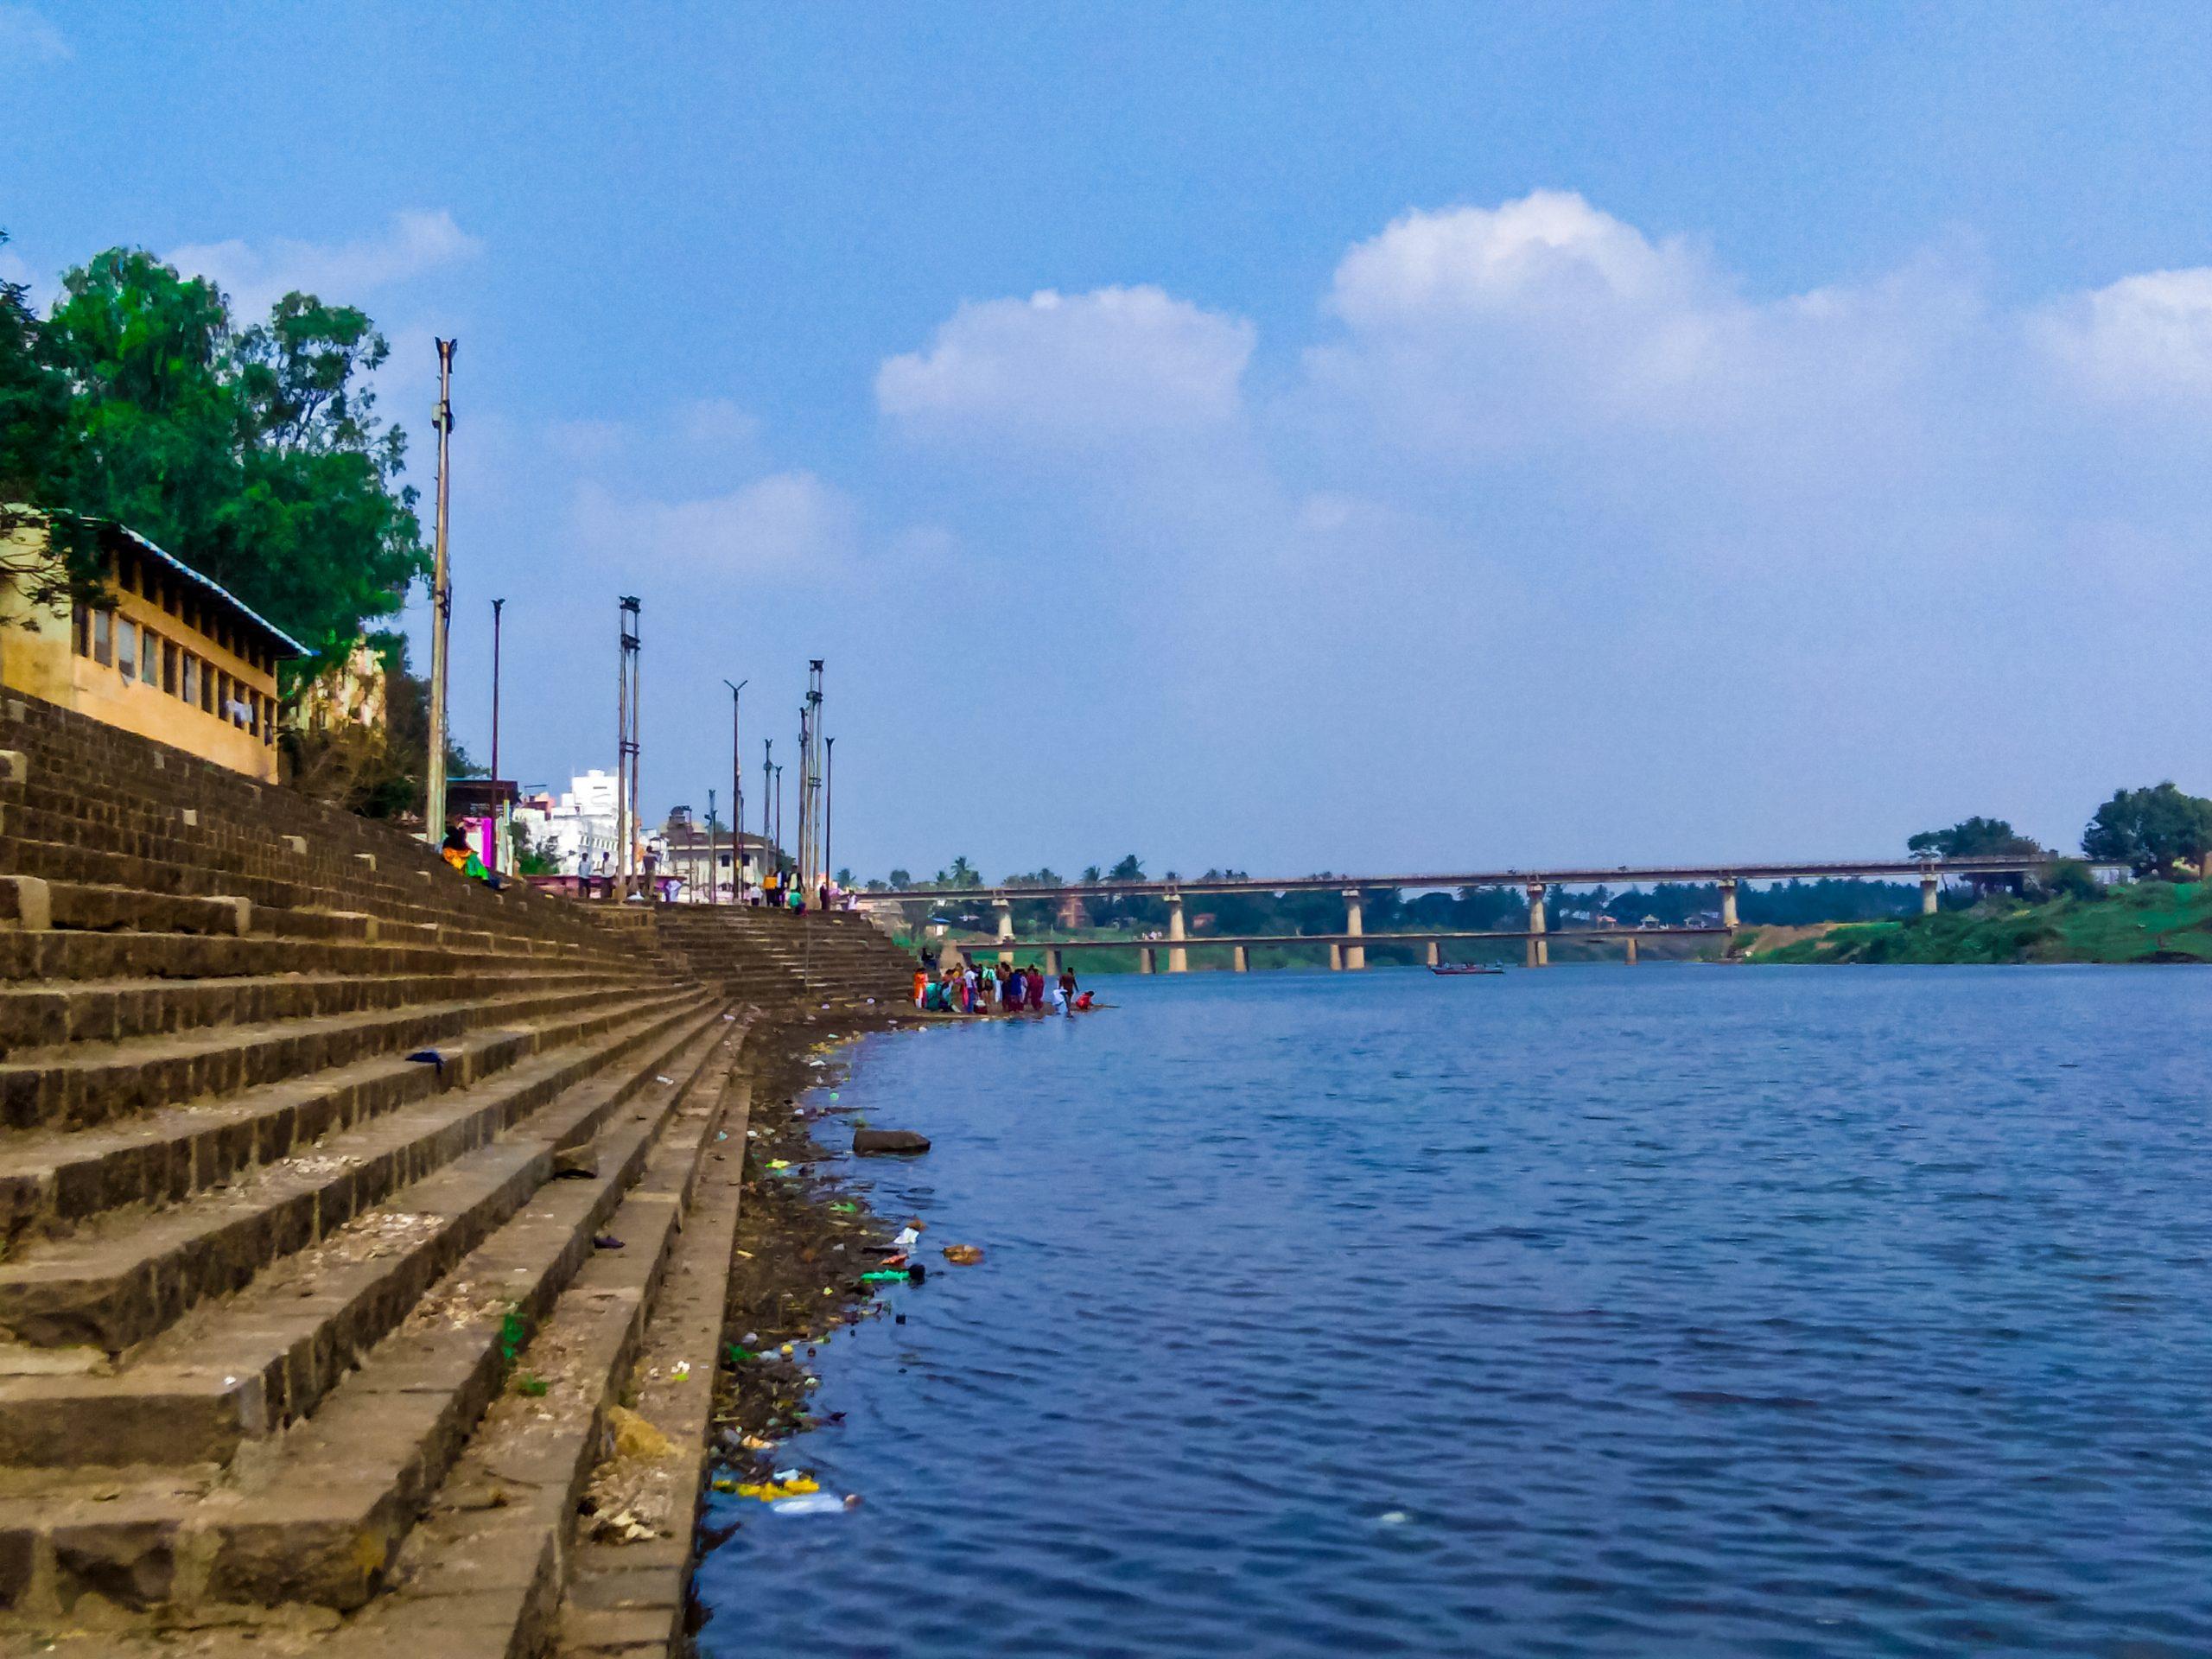 Krishna River ghat in Maharashtra